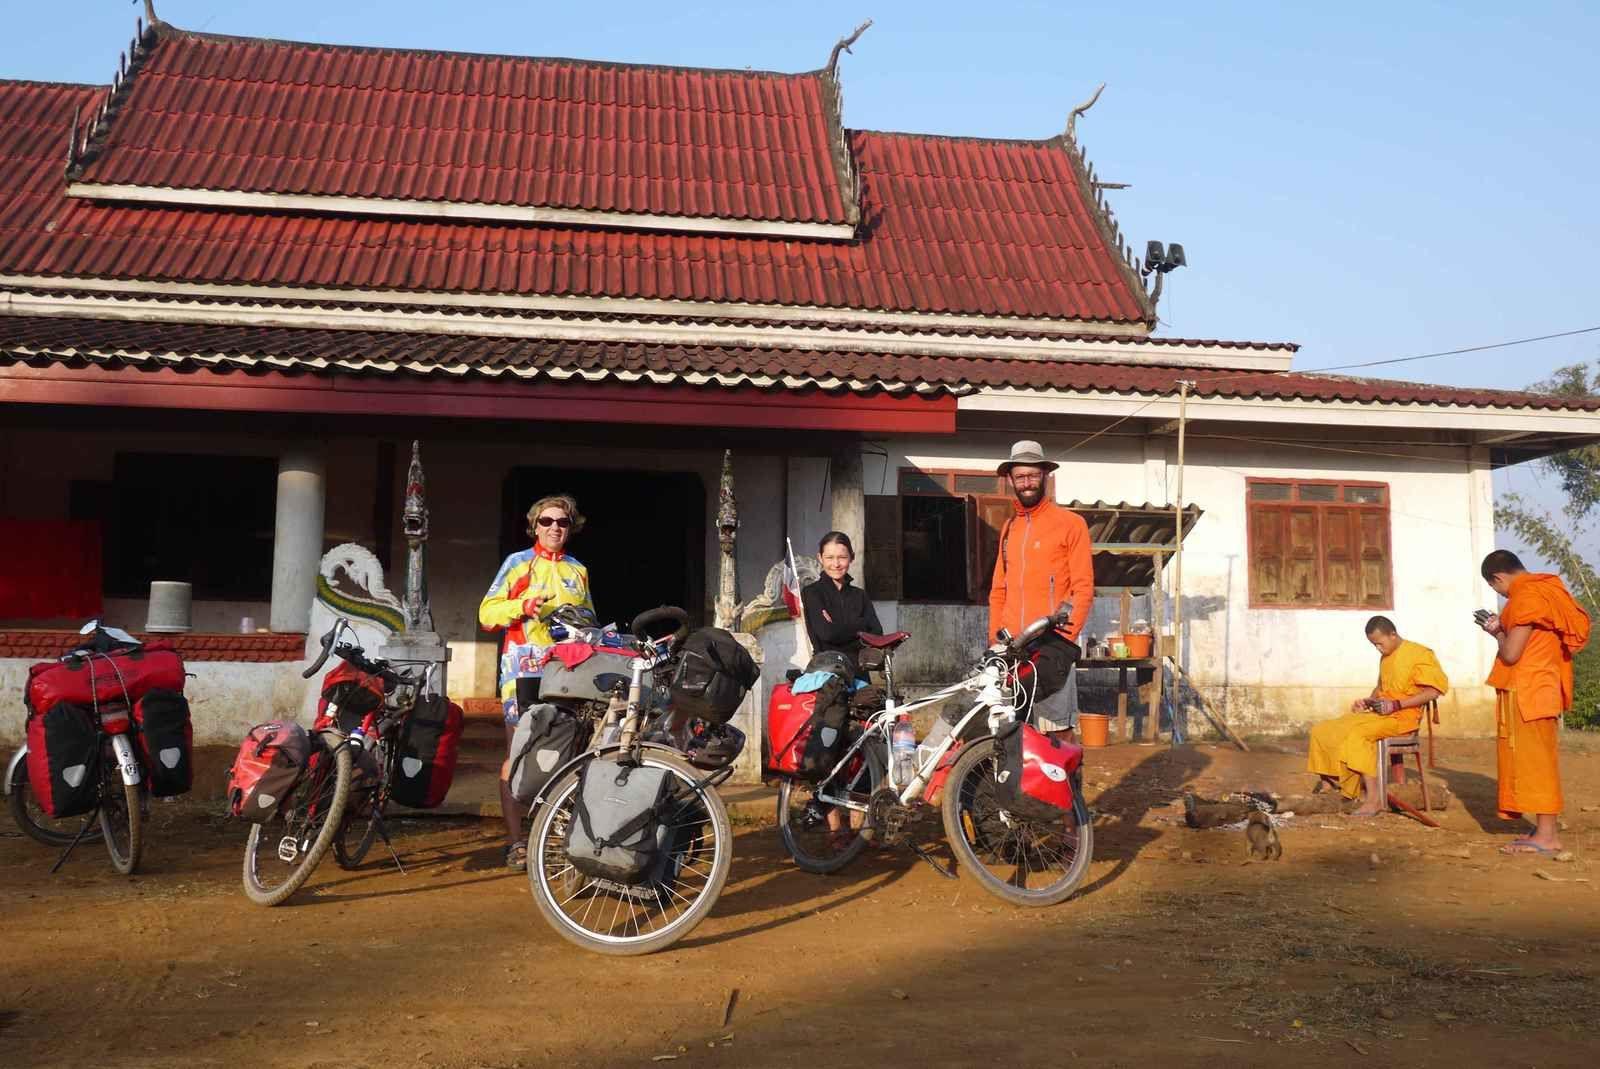 Le temple bouddhique à l'intérieur duquel nous avons monté notre tente